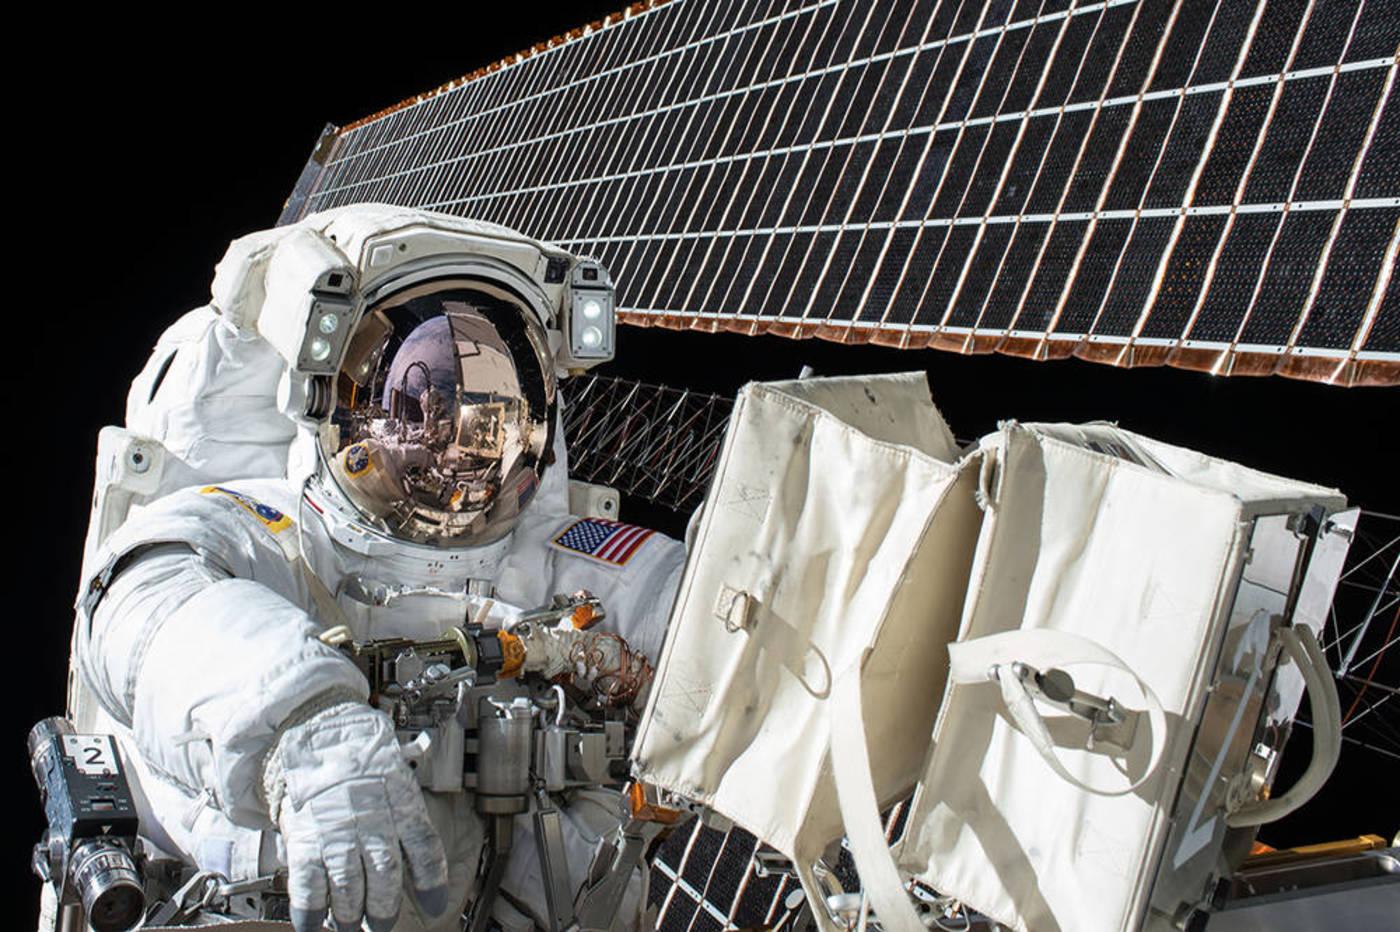 Une ferme solaire dans l'espace